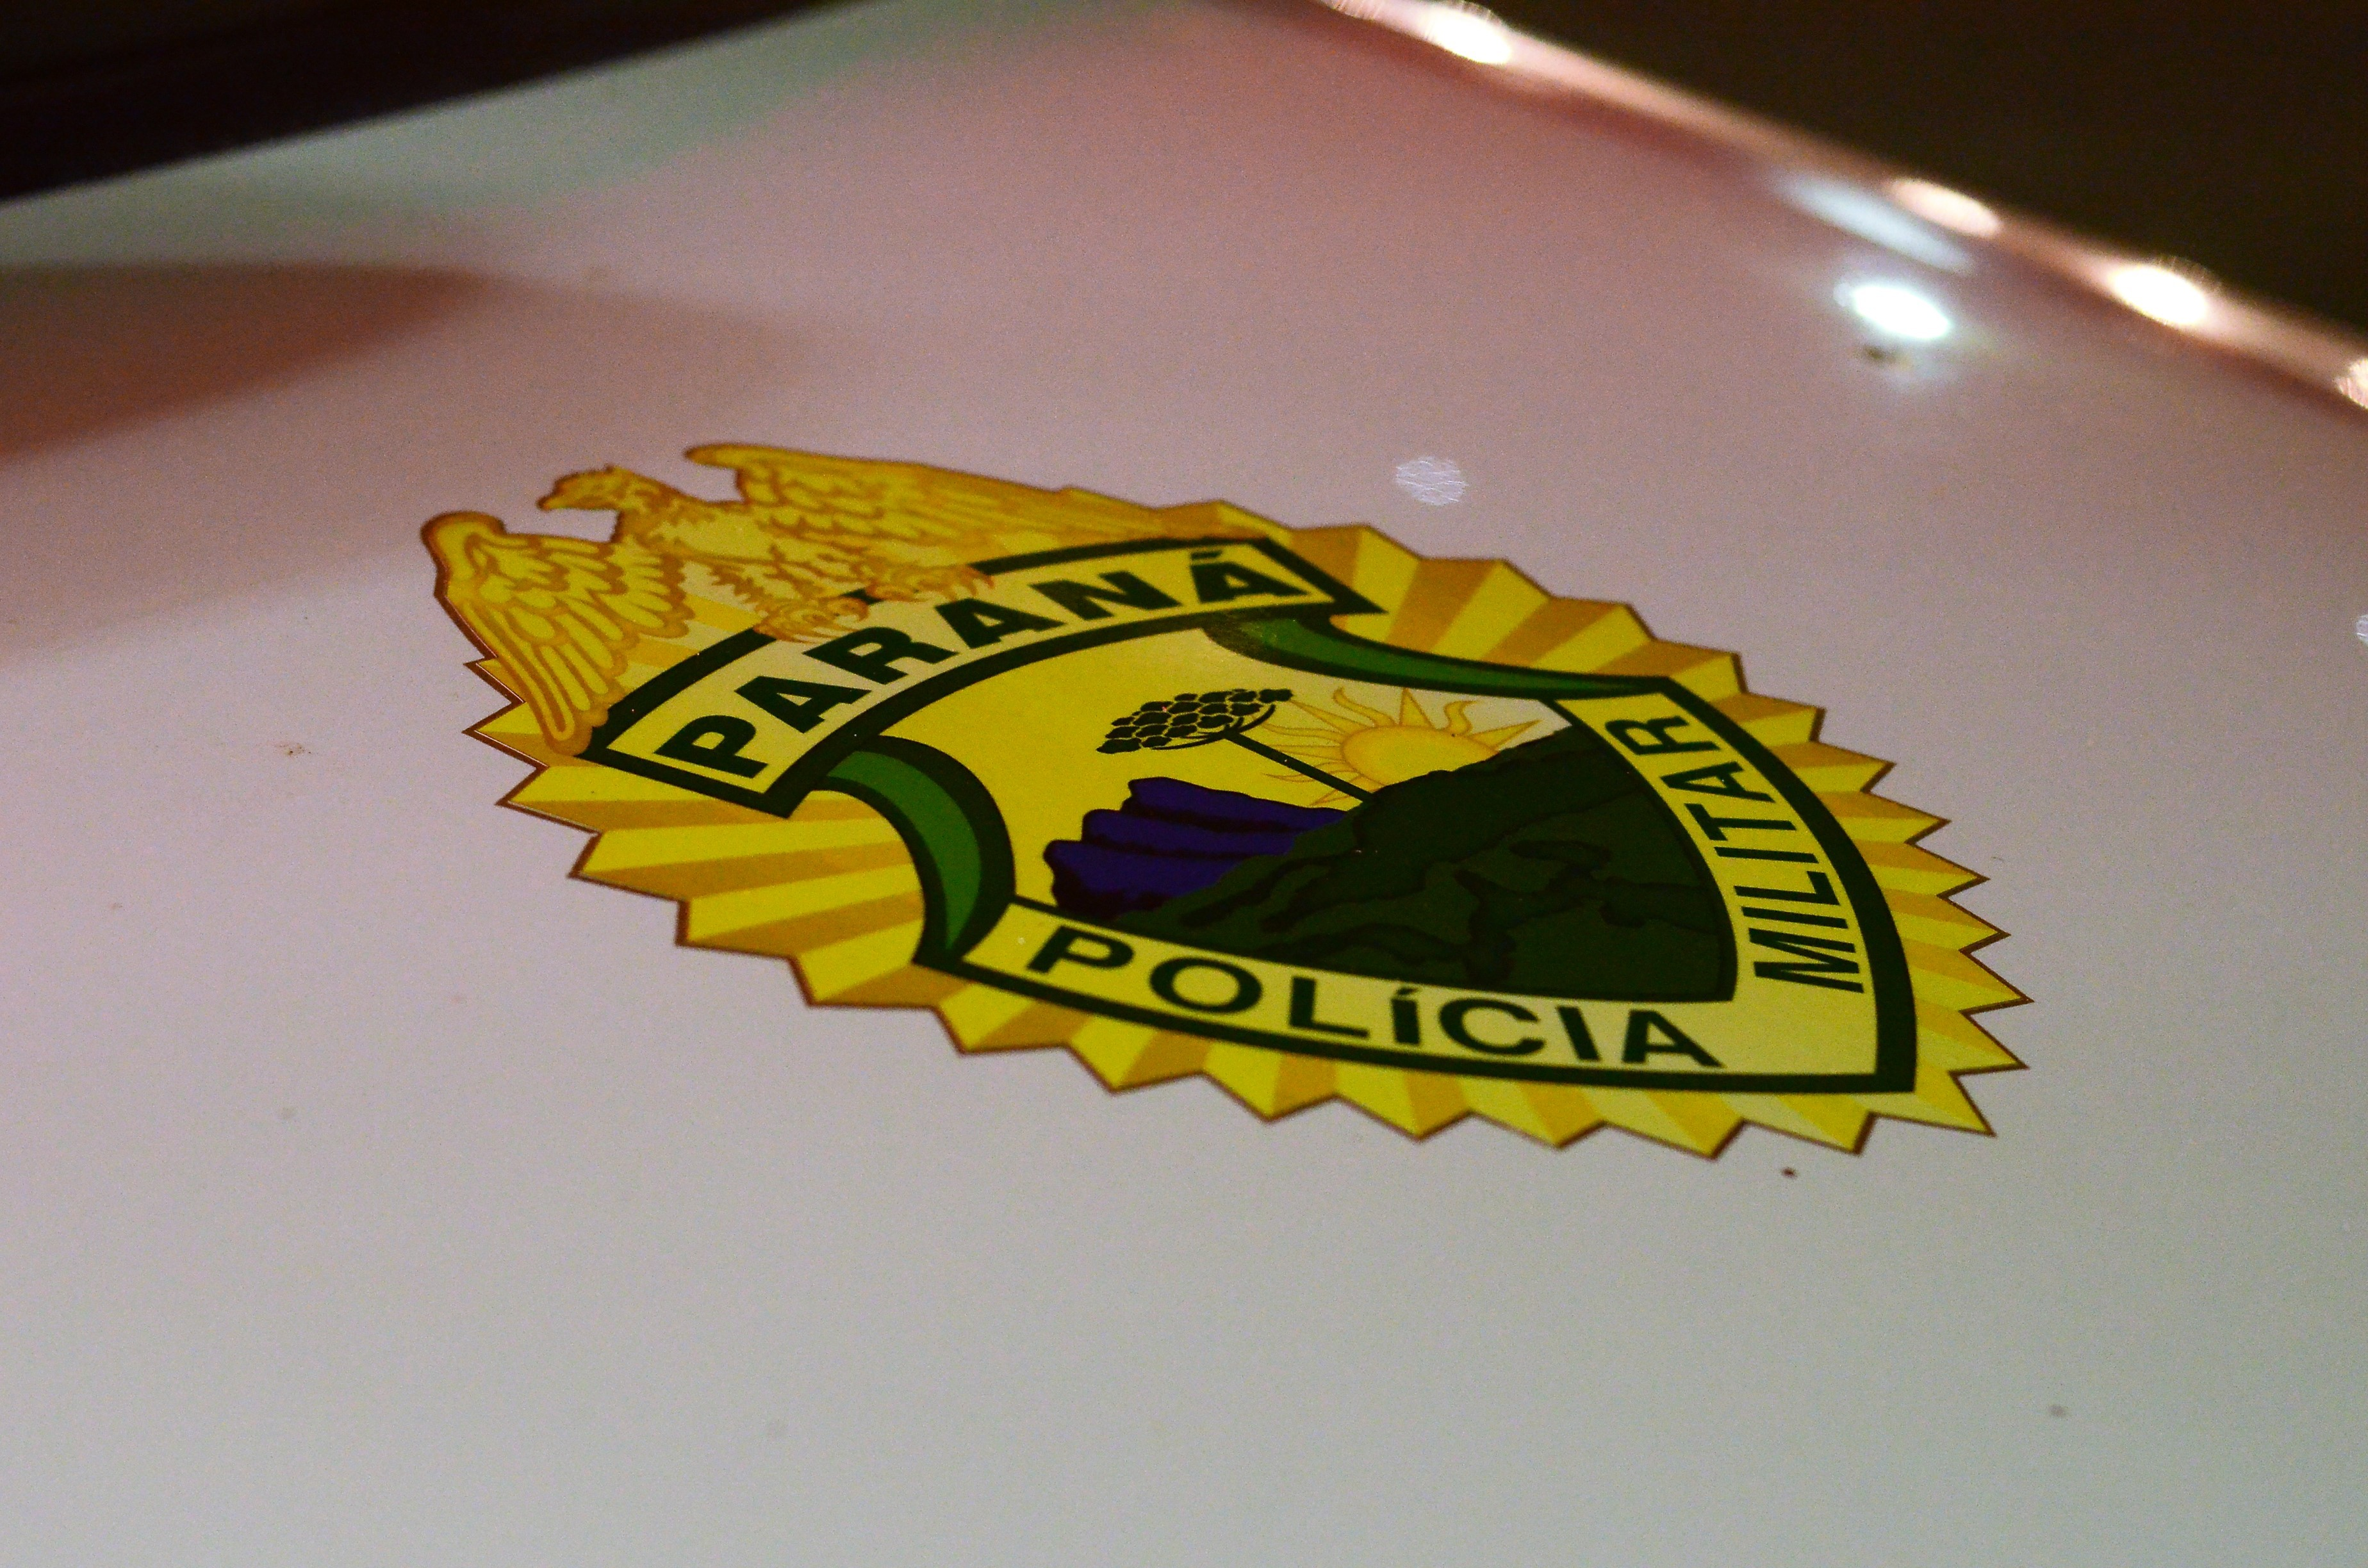 Após uma semana de investigação, polícia descobre que vítimas mentiam